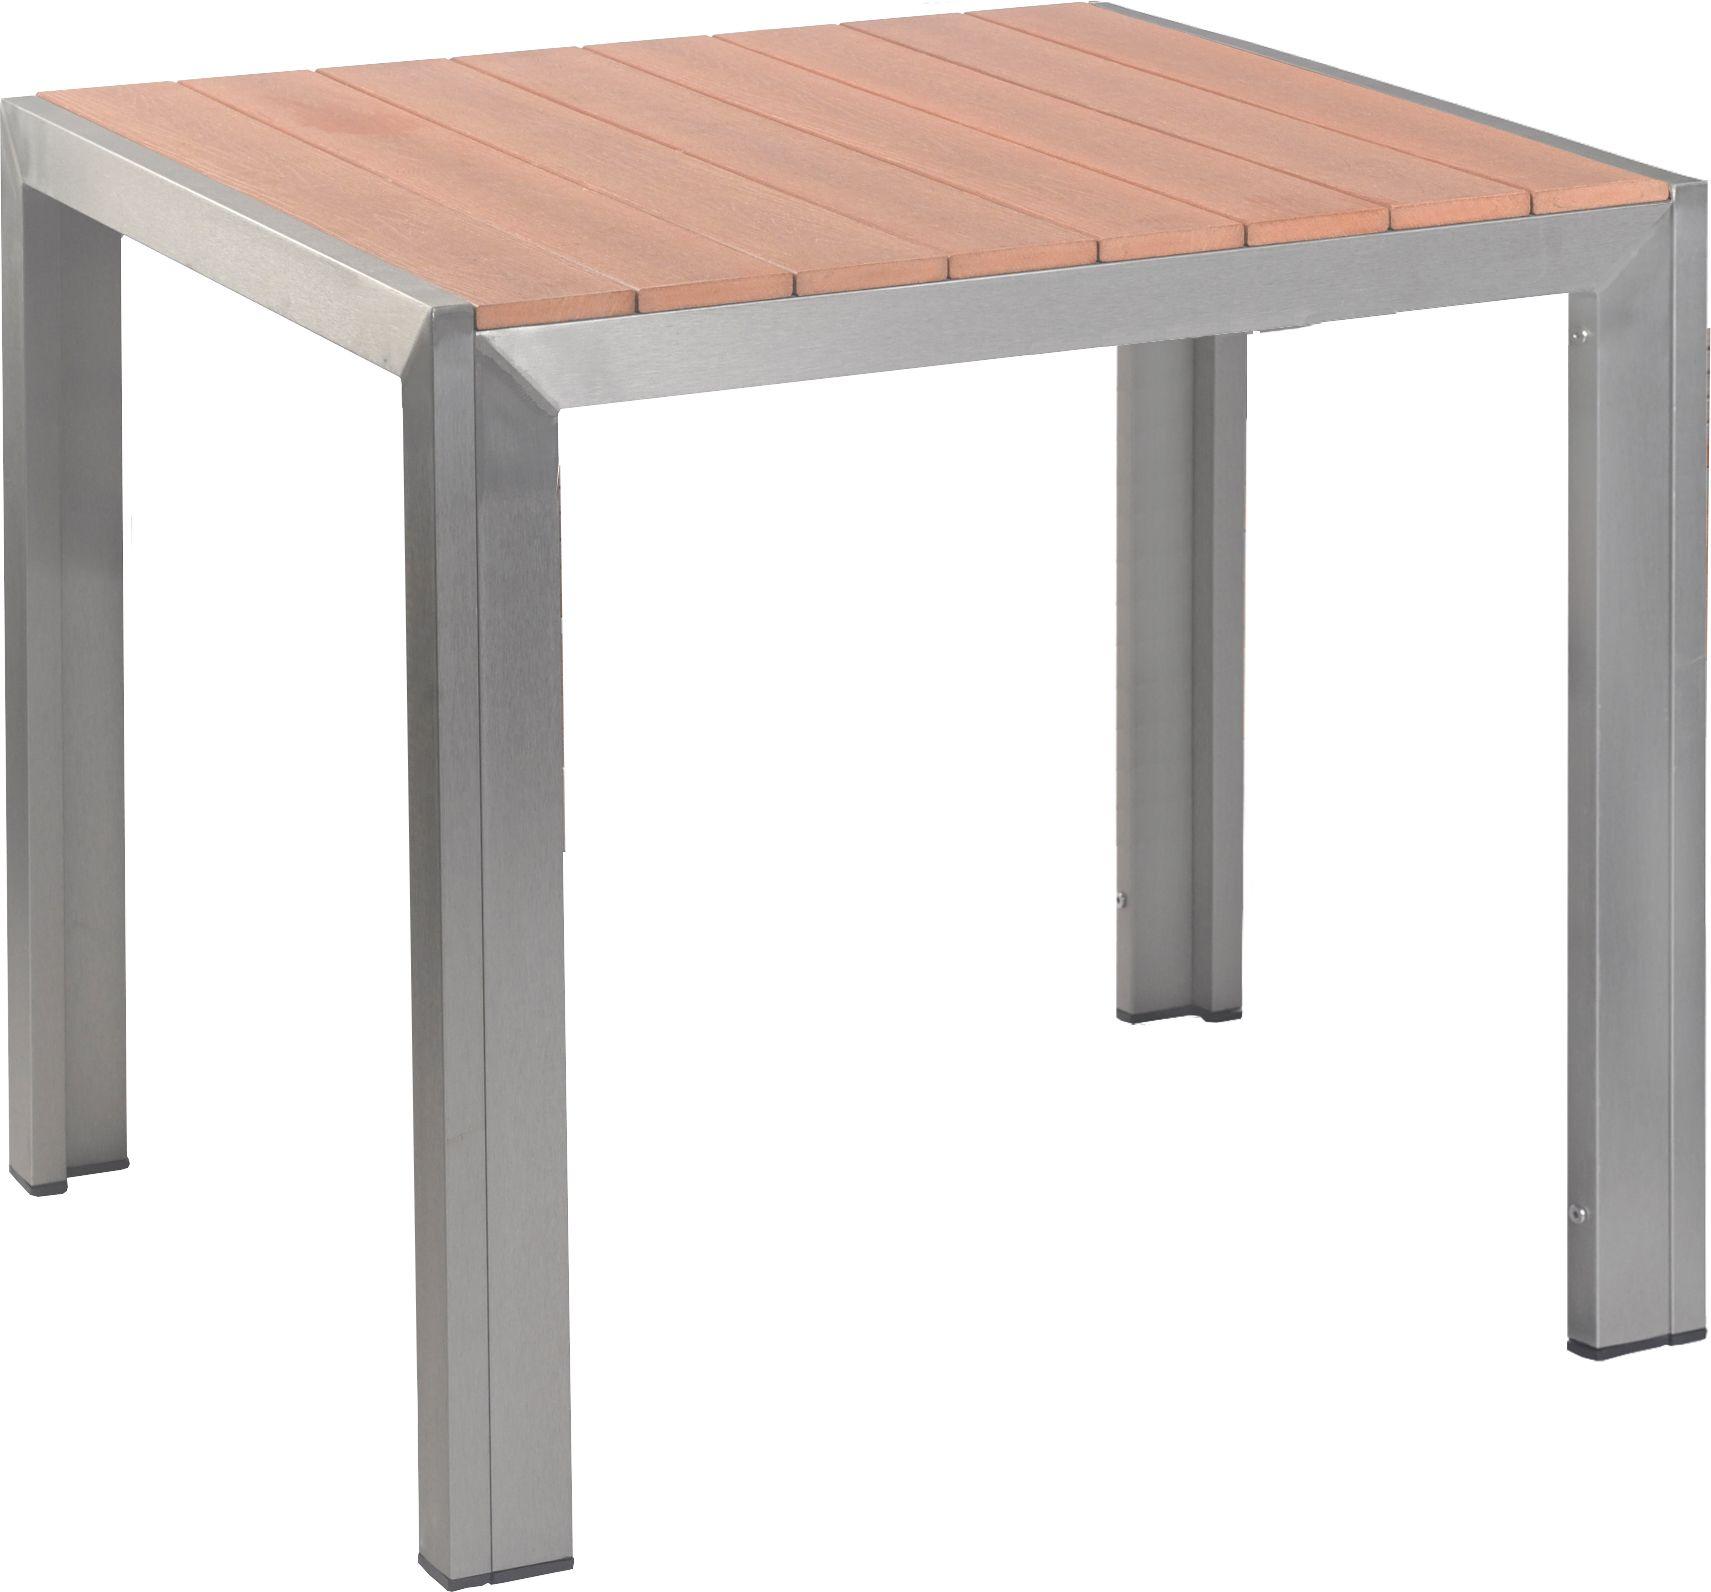 Gastro Outdoor Terrassentisch Torino Teak 80x80x74 Cm Möbel Star